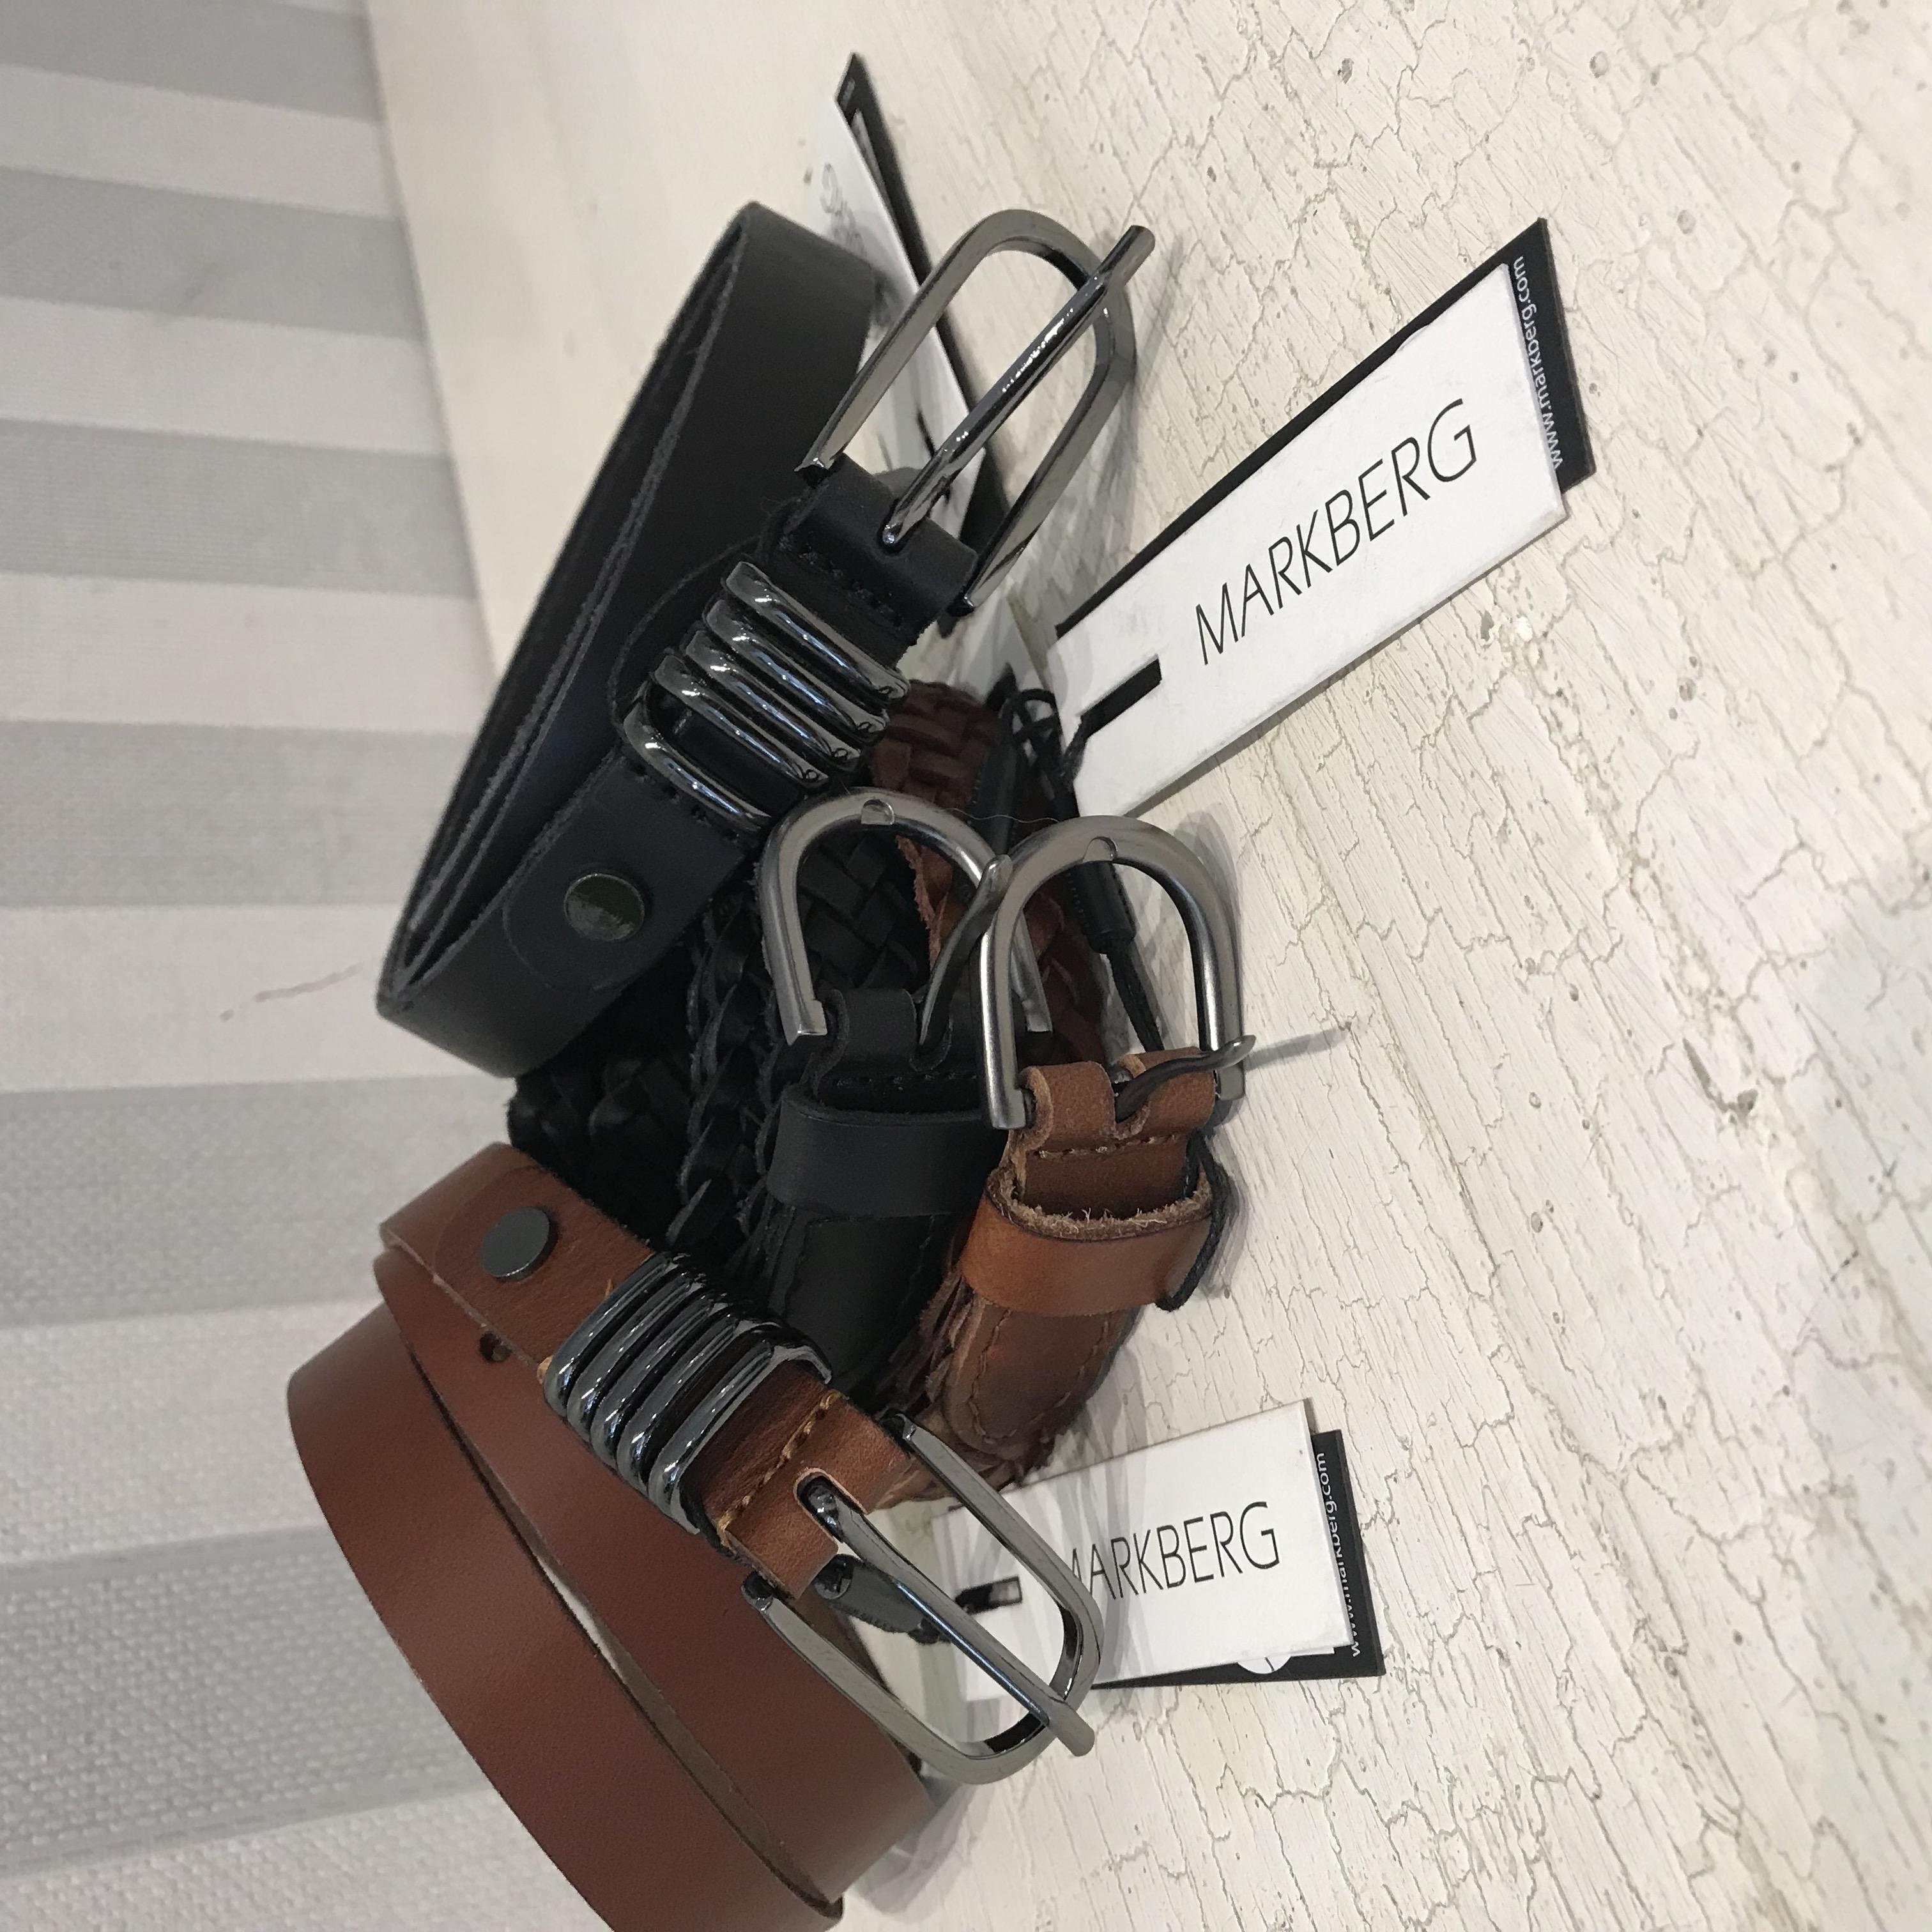 Markberg Belts